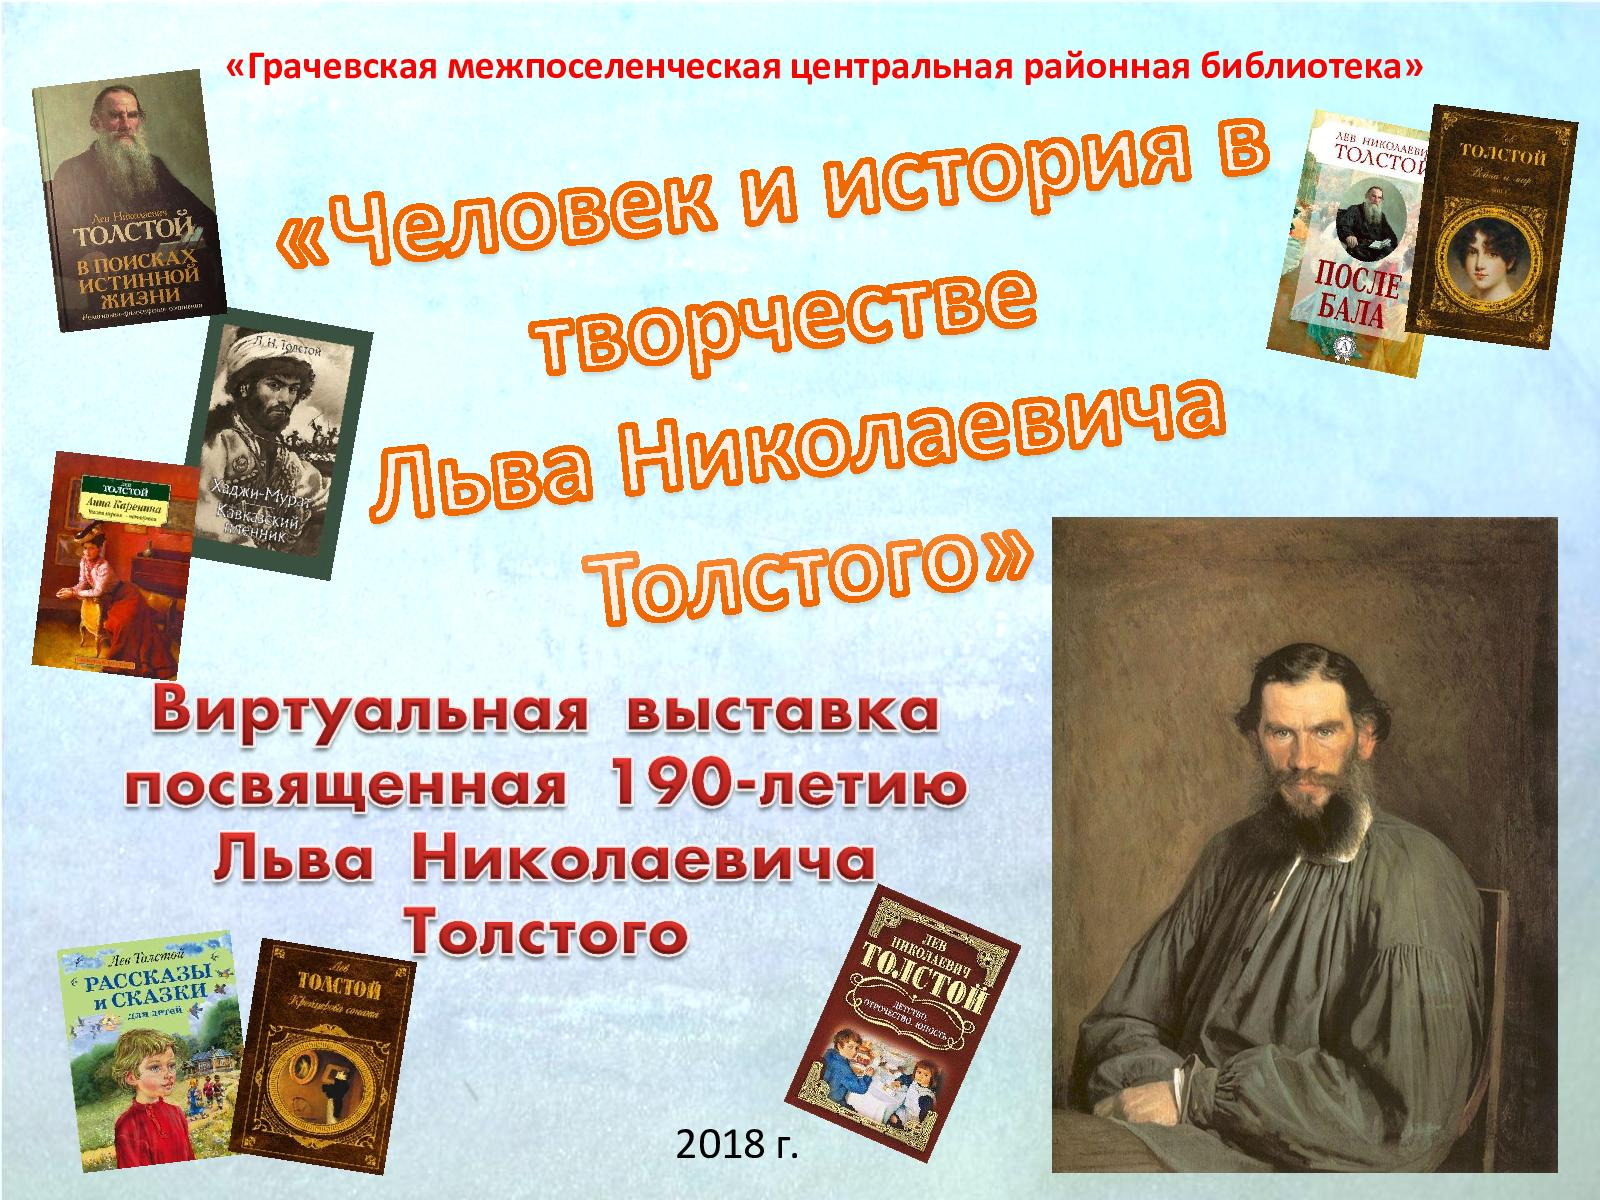 Толстой, Лев Николаевич — Википедия | 1200x1600